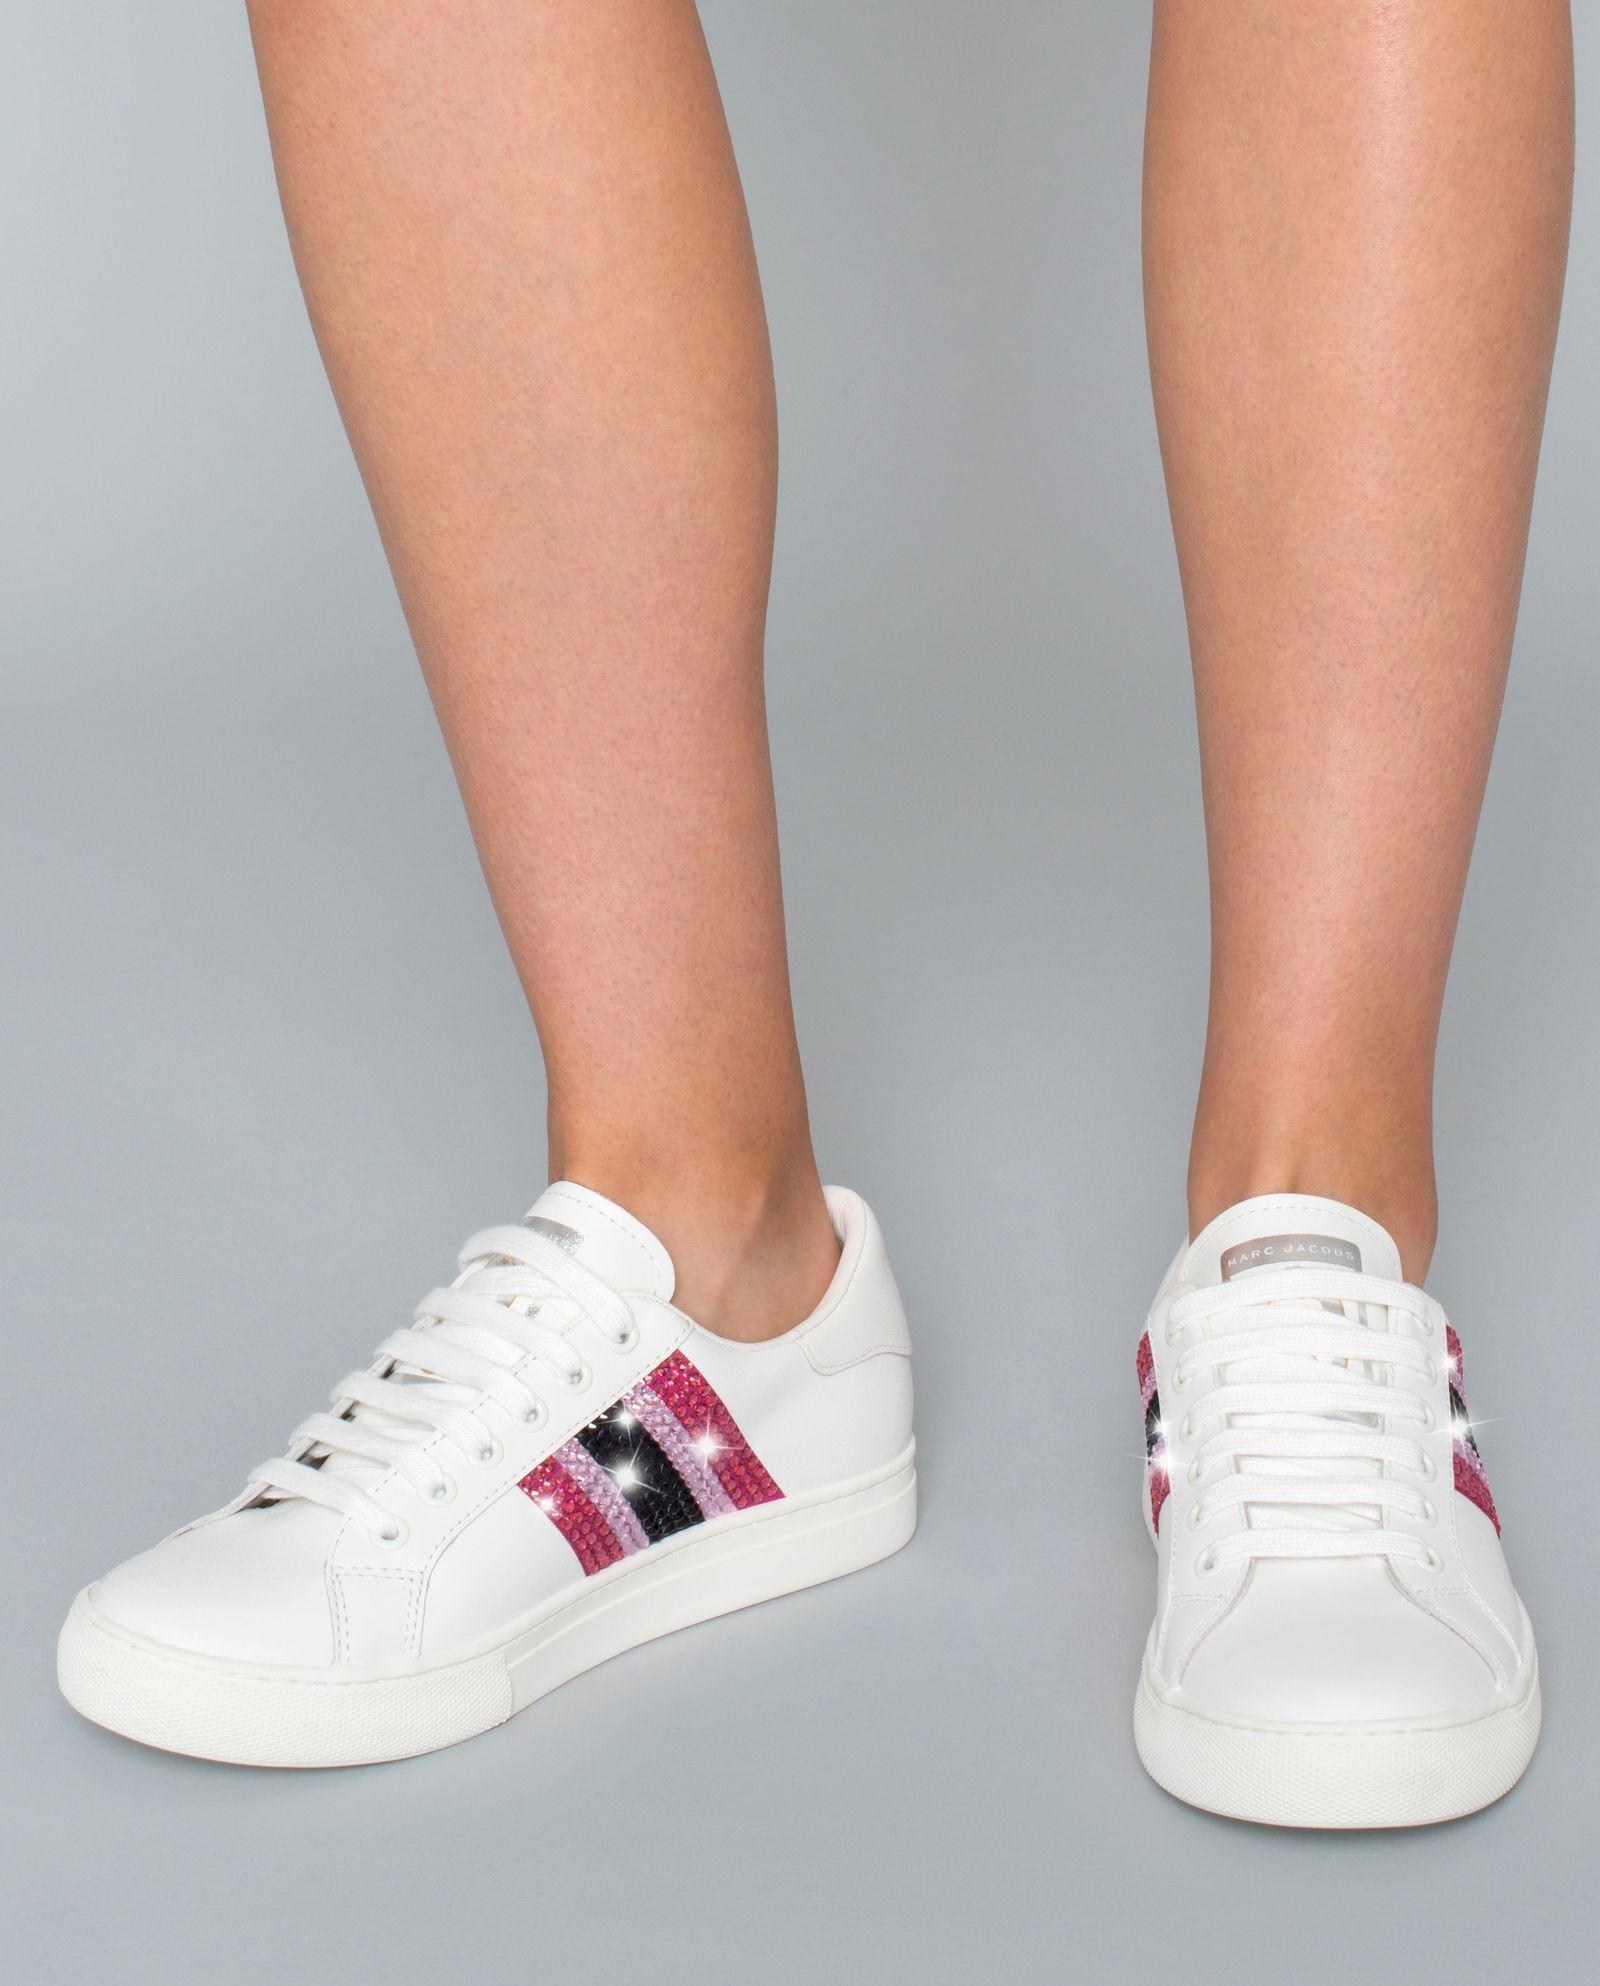 Sneakersy s krytaly swarovski MARC JACOBS – Kup teď! Nejlepší ceny a recenze!  Obchod Moliera2.cz. ce5935292a